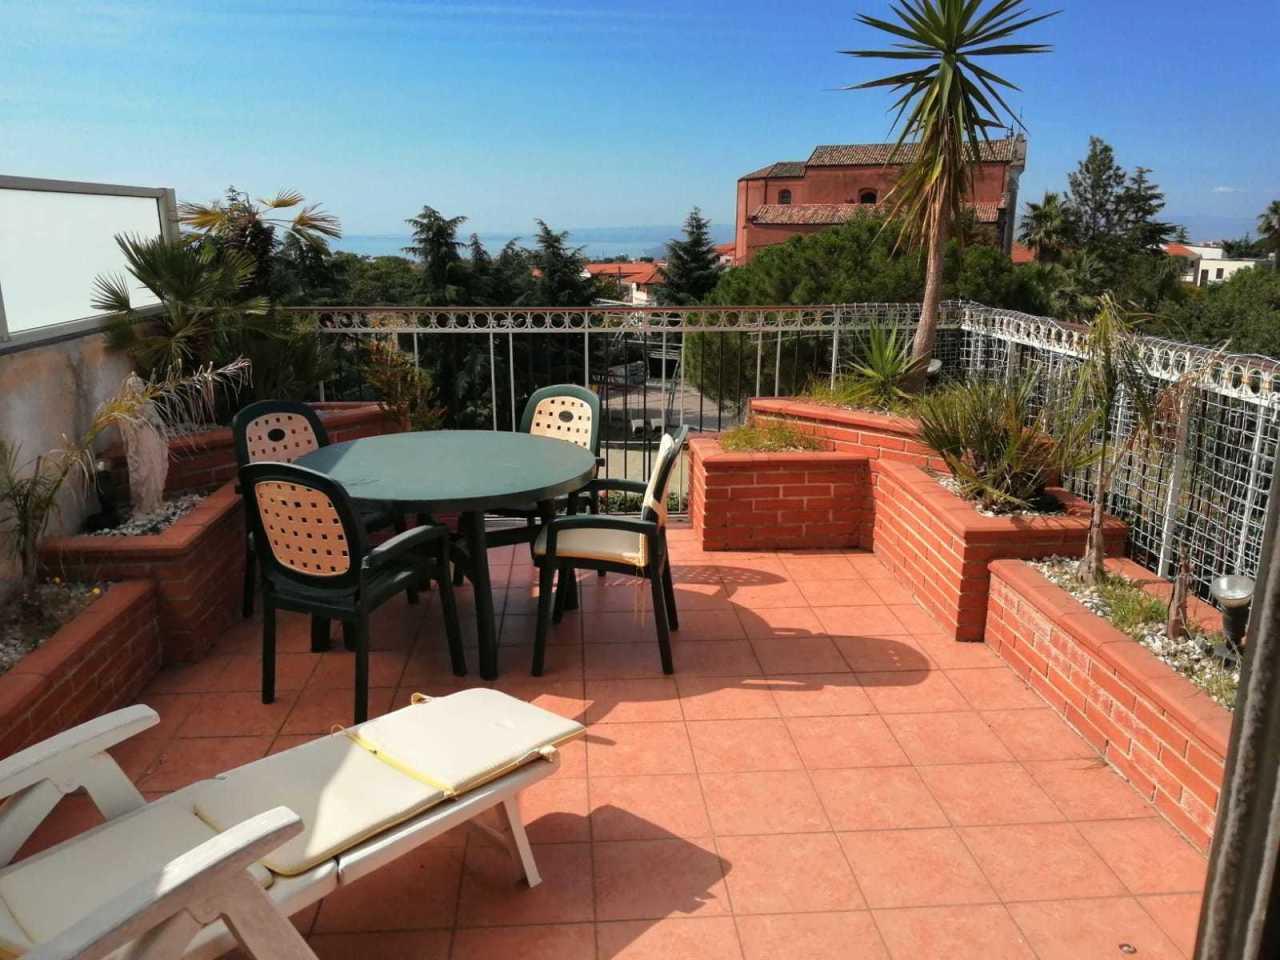 Appartamento in vendita a Tremestieri Etneo, 3 locali, prezzo € 113.000 | PortaleAgenzieImmobiliari.it